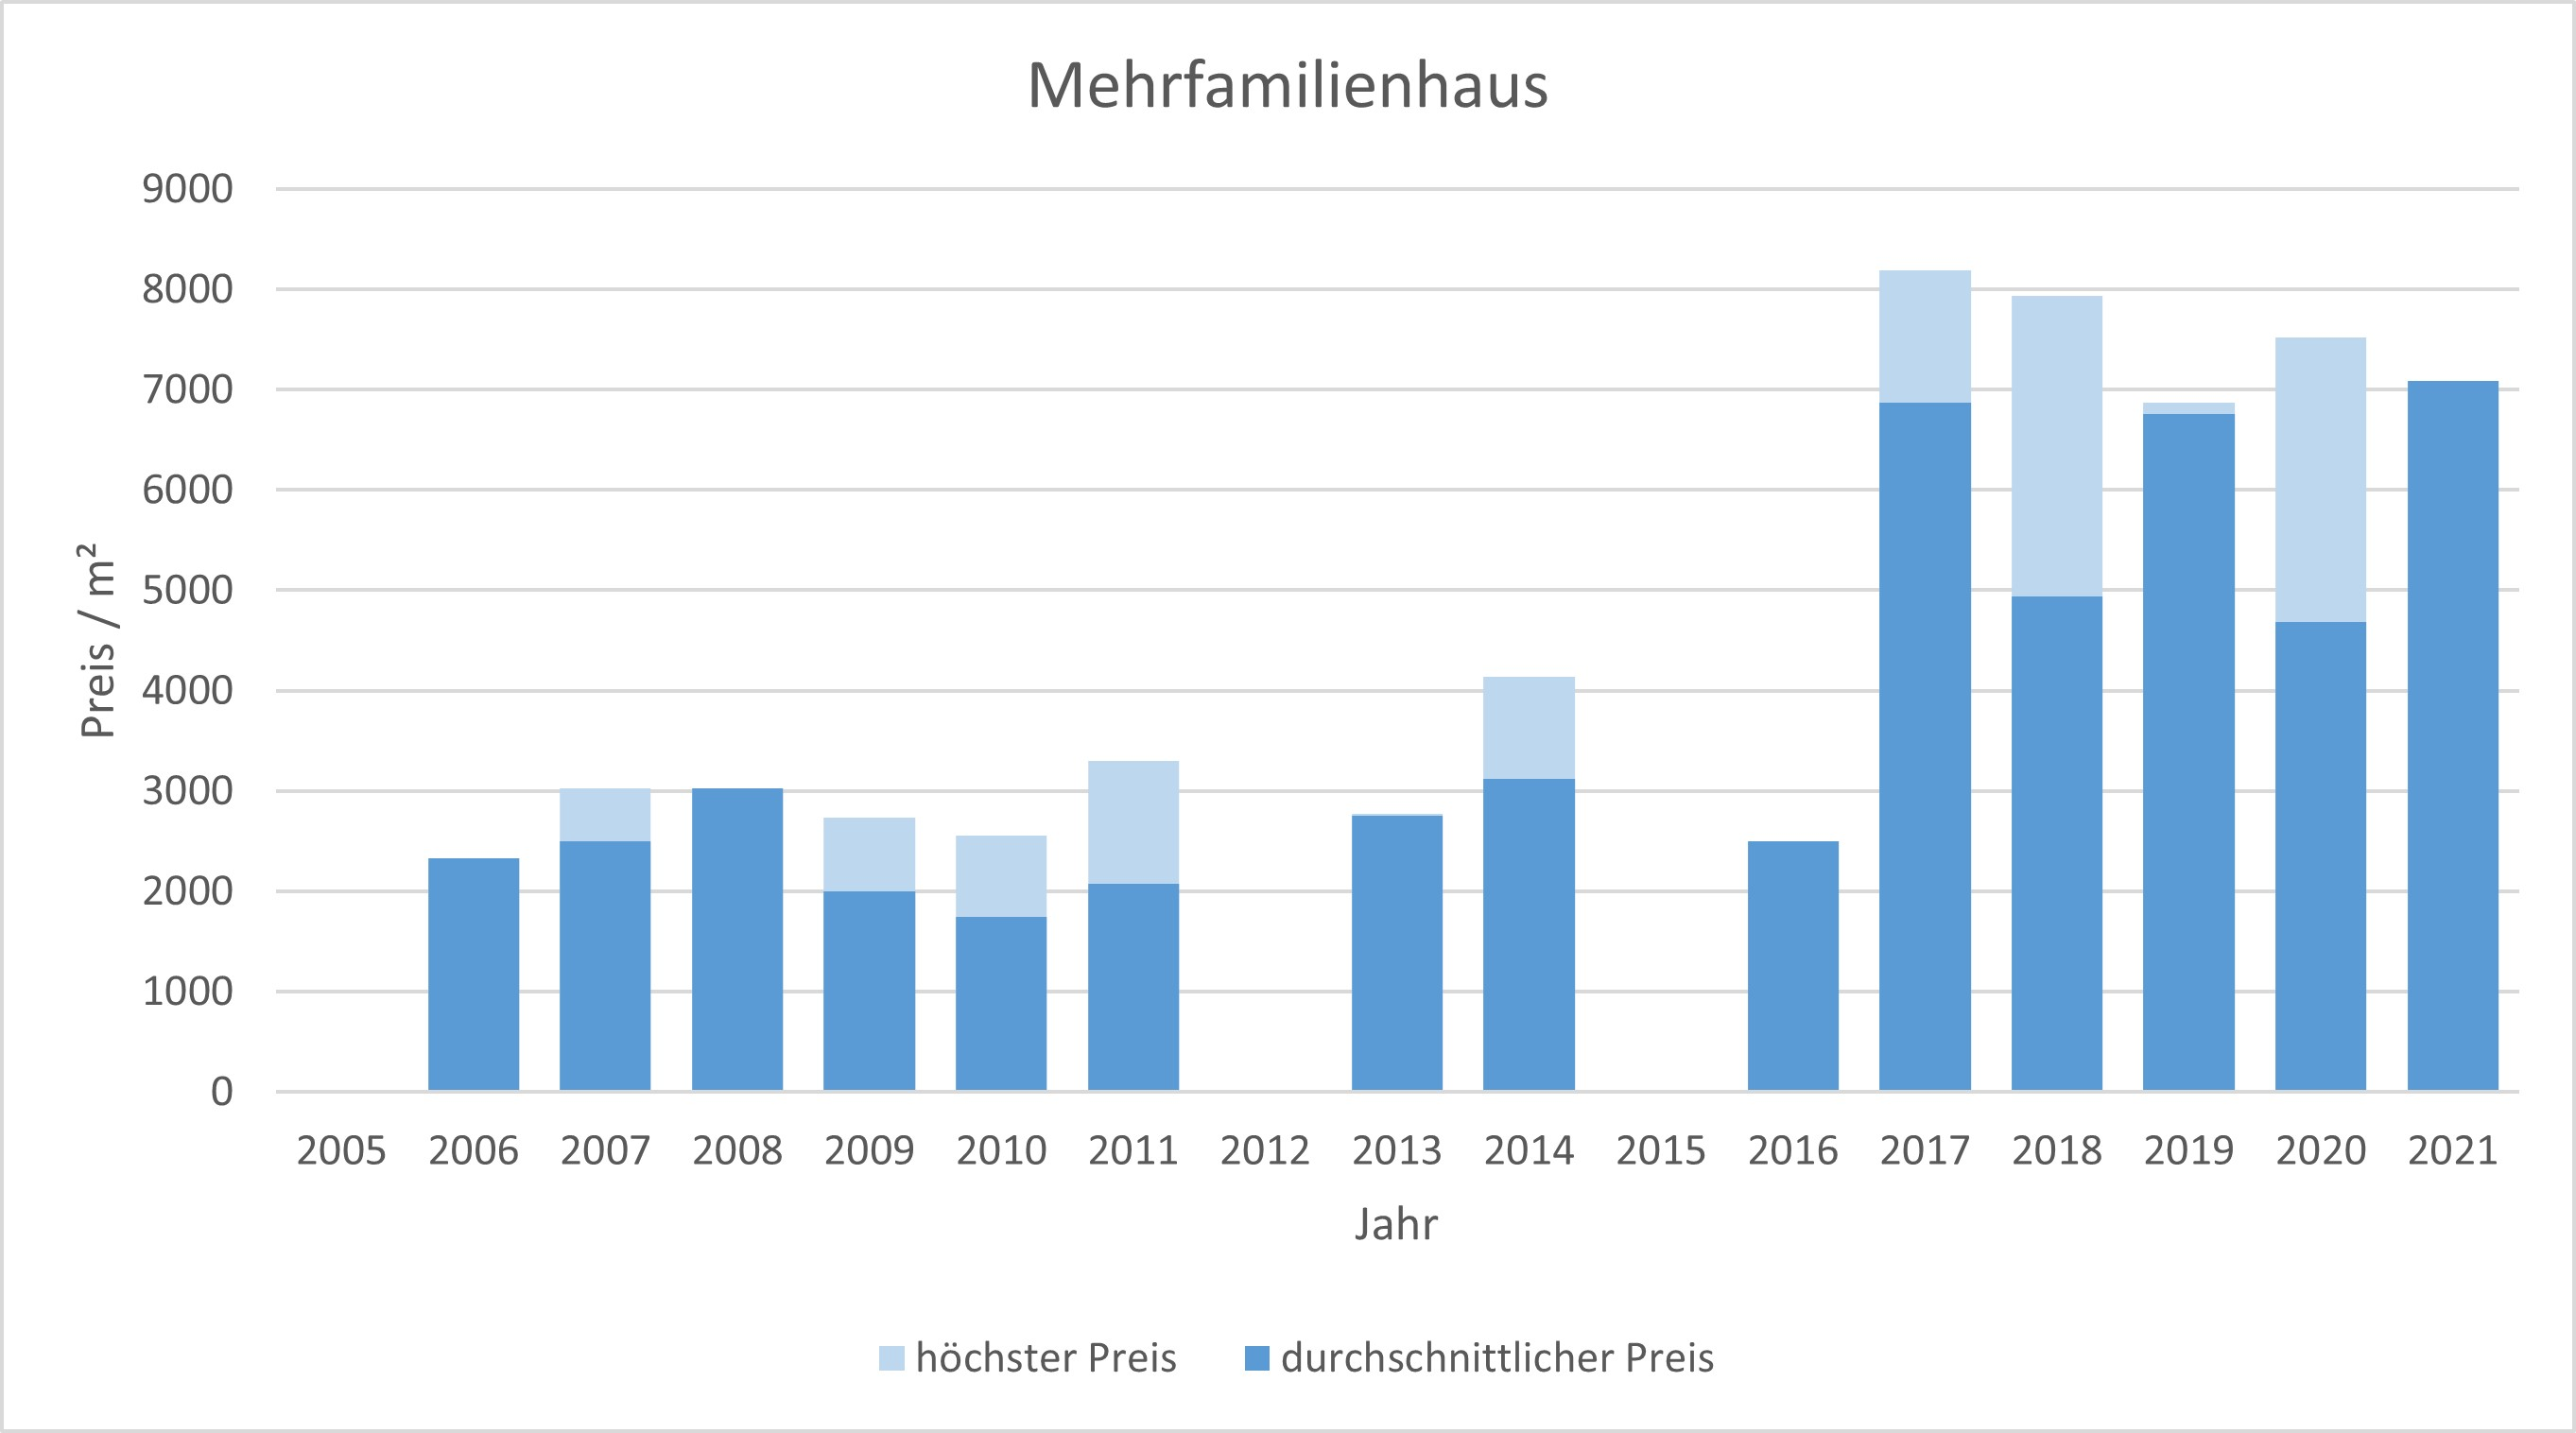 Aying Makler Mehrfamilienhaus Kaufen Verkaufen Preis Bewertung 2019, 2020, 2021